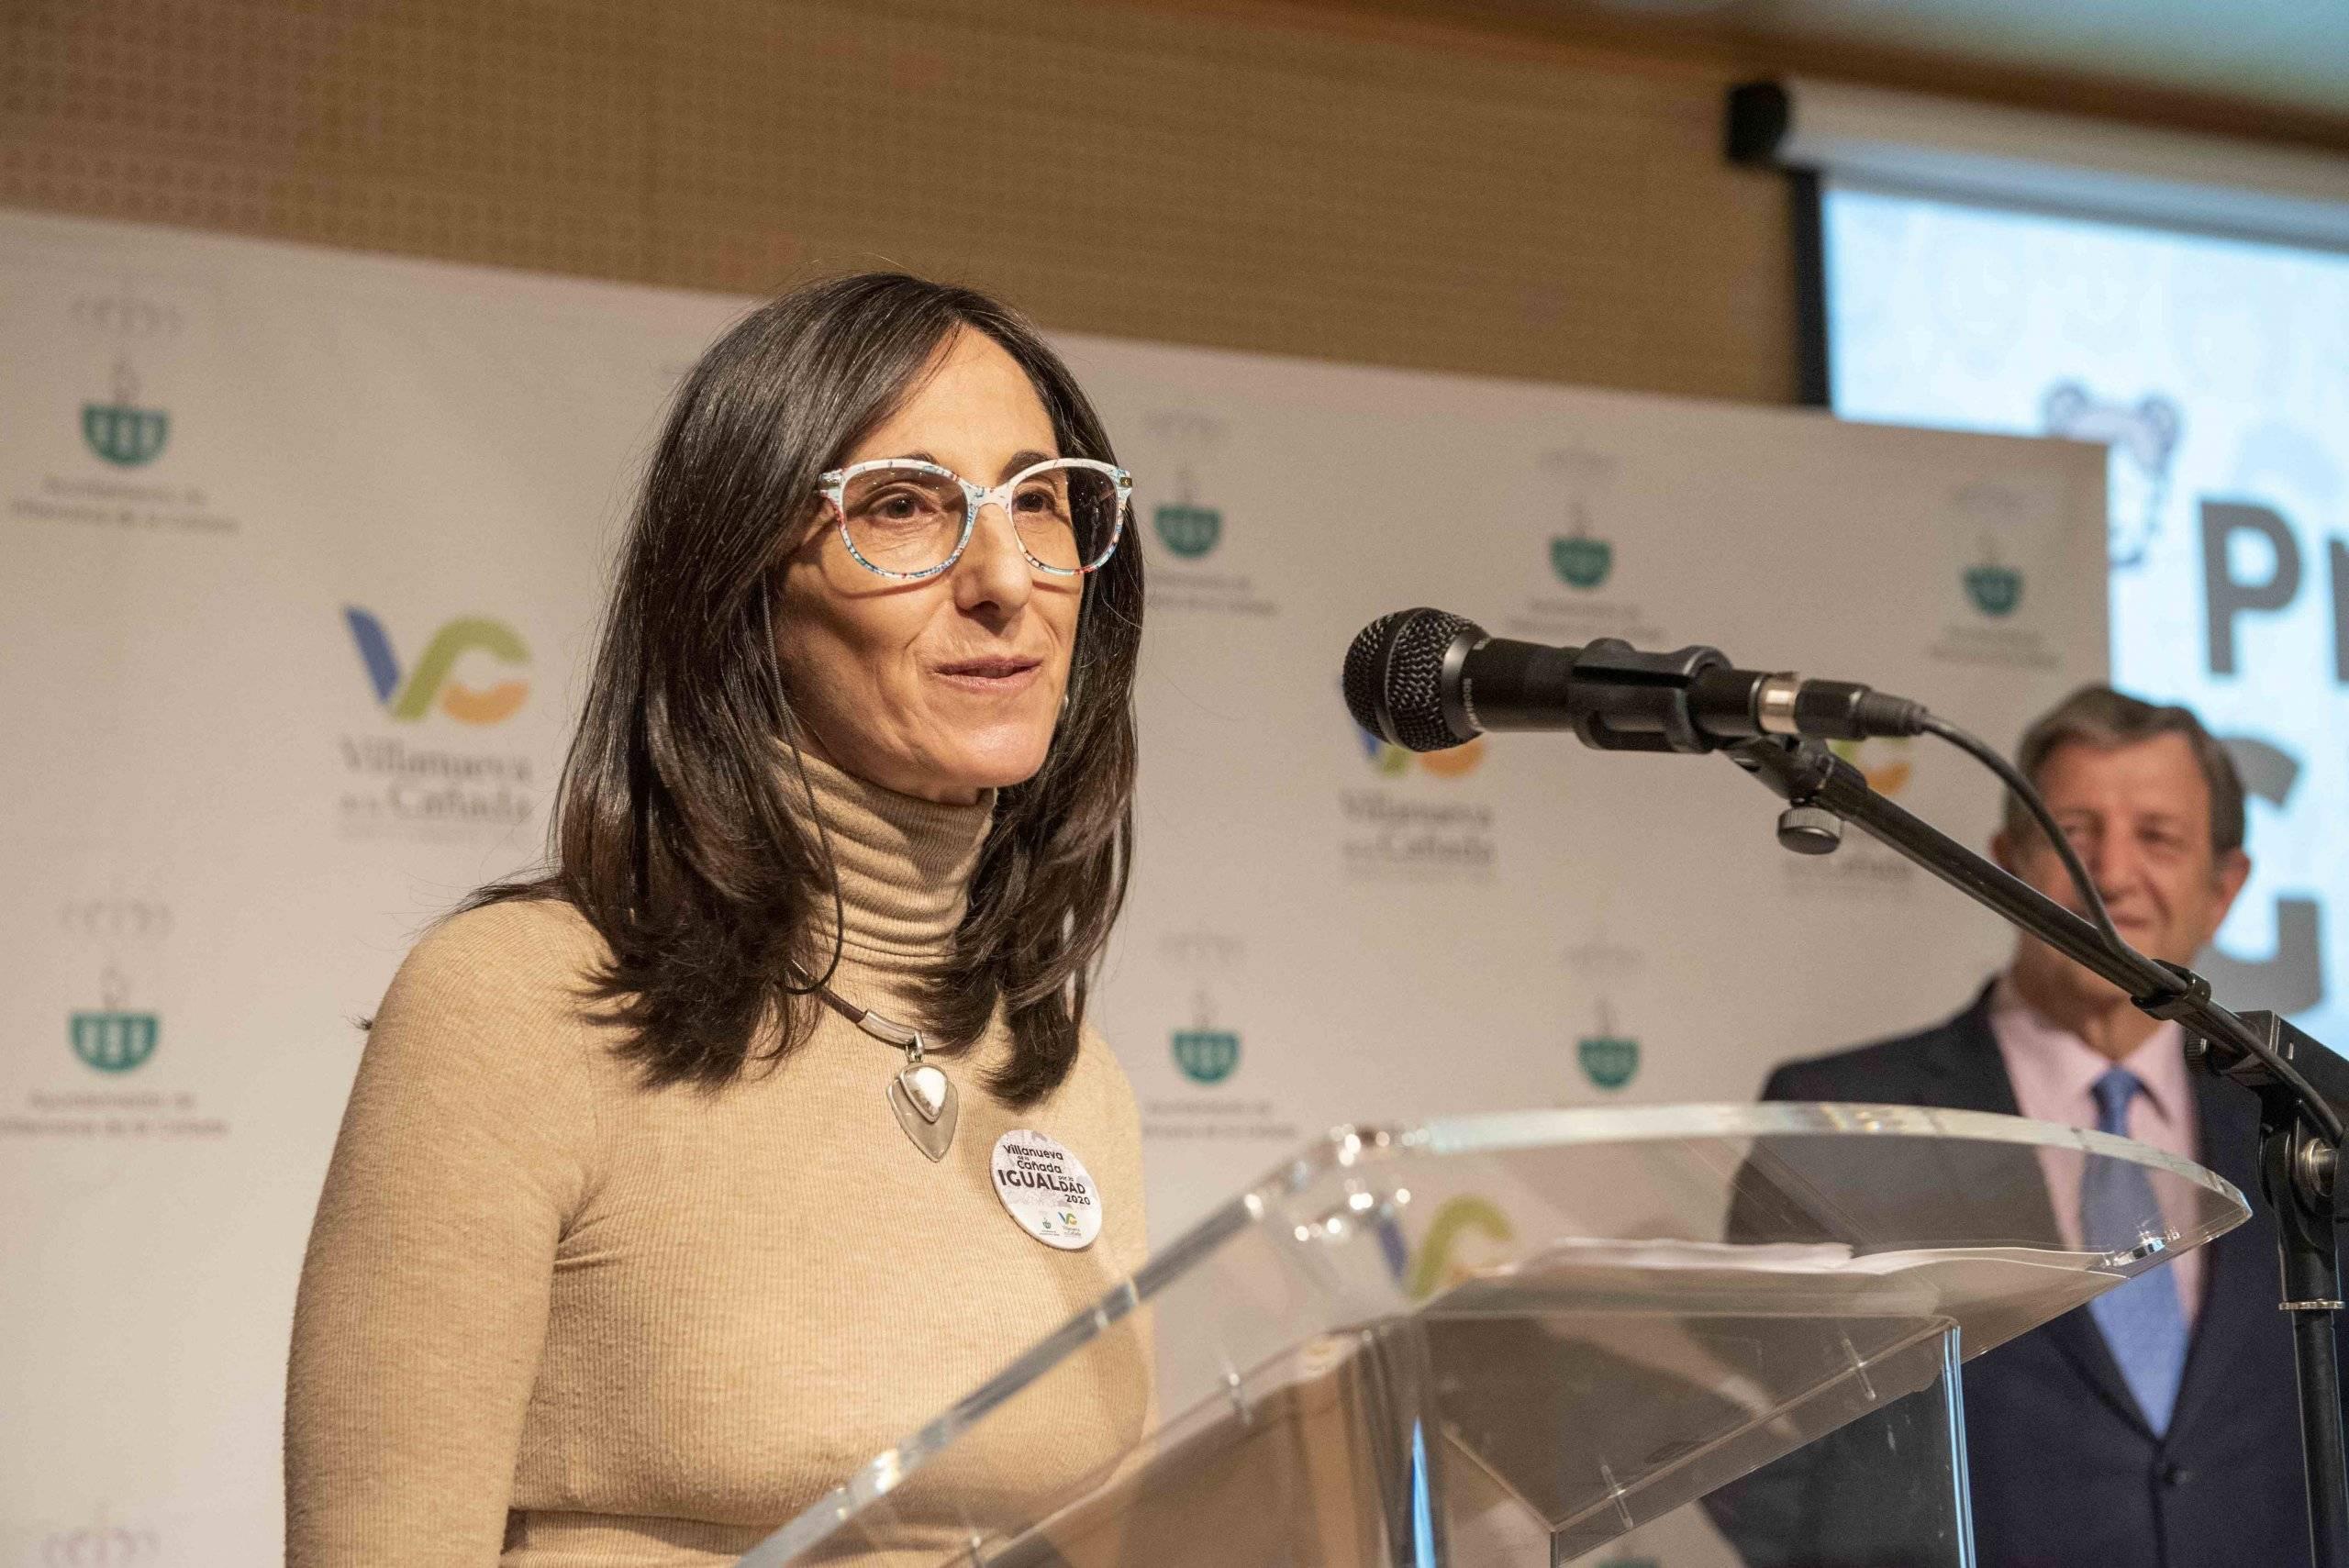 Discurso de la Dra. Cristina Galván, galardonada con el Premio por la Igualdad 2020.